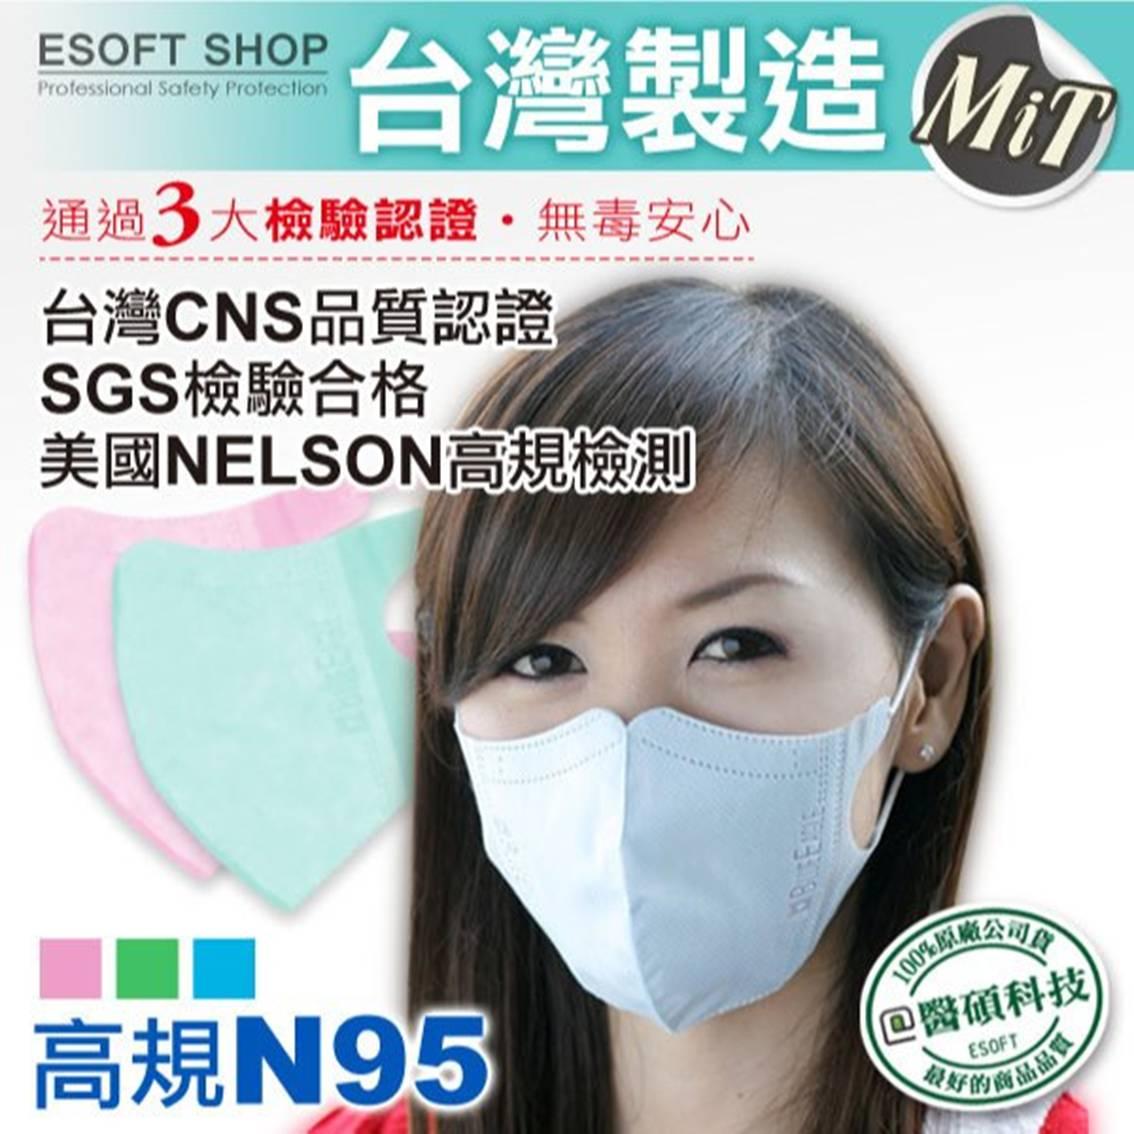 ↘下殺$185  藍鷹牌成人立體型3D防塵用口罩   藍色  / 粉色 / 綠色 (可指定顏色) 【樂活生活館】